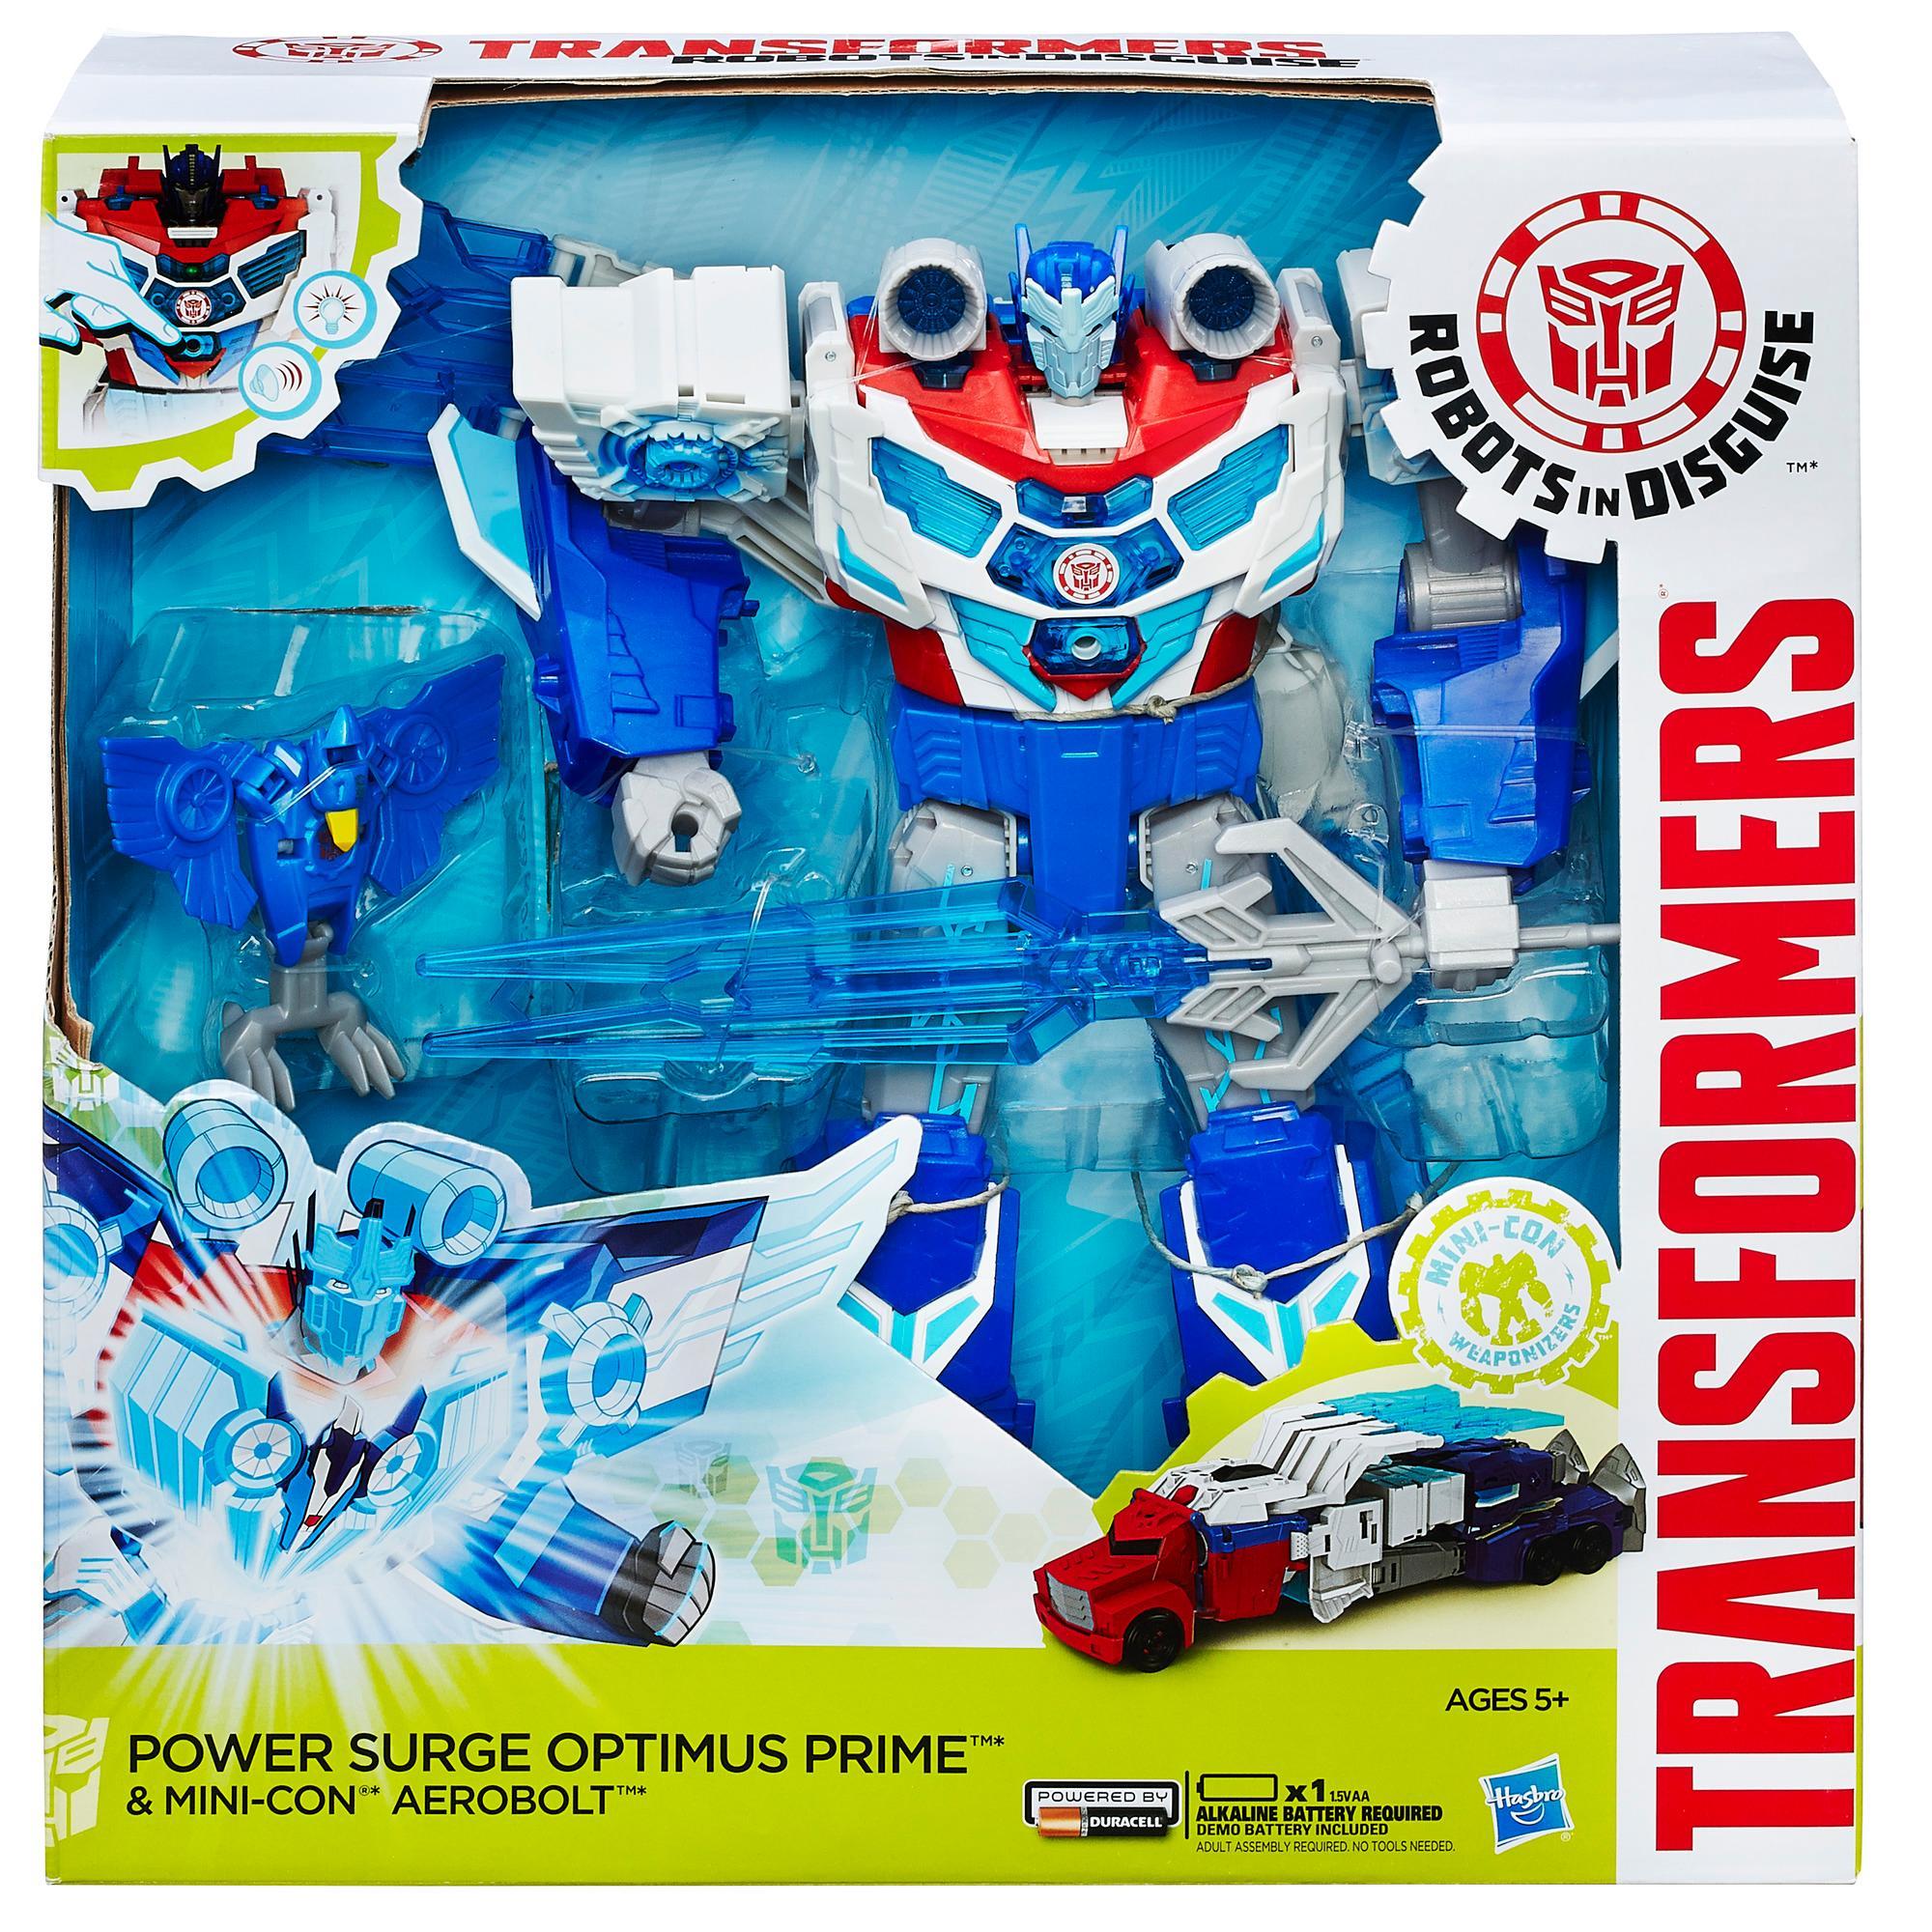 Includes Power Surge Optimus Prime figure, Mini-Con Weaponizers